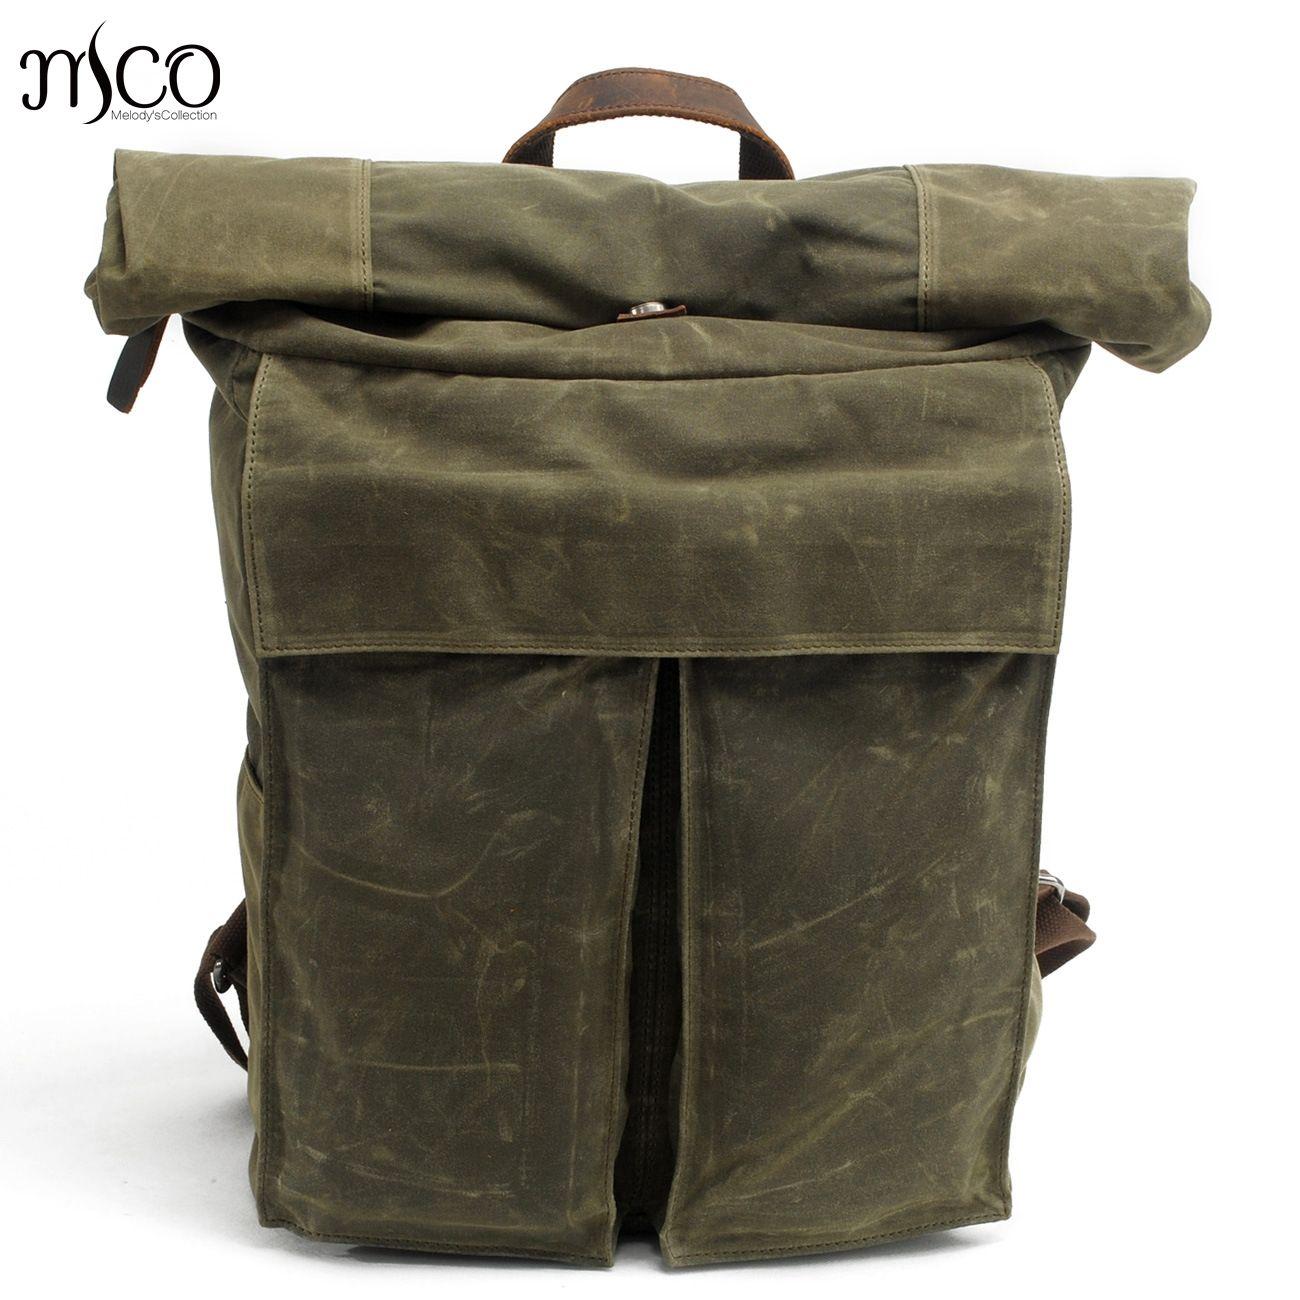 MCO 2018 Vintage Waterproof Waxed Canvas Men Travel Backpack Large Capacity Women Weekend Bag Basic Roll Top Military Knapsack